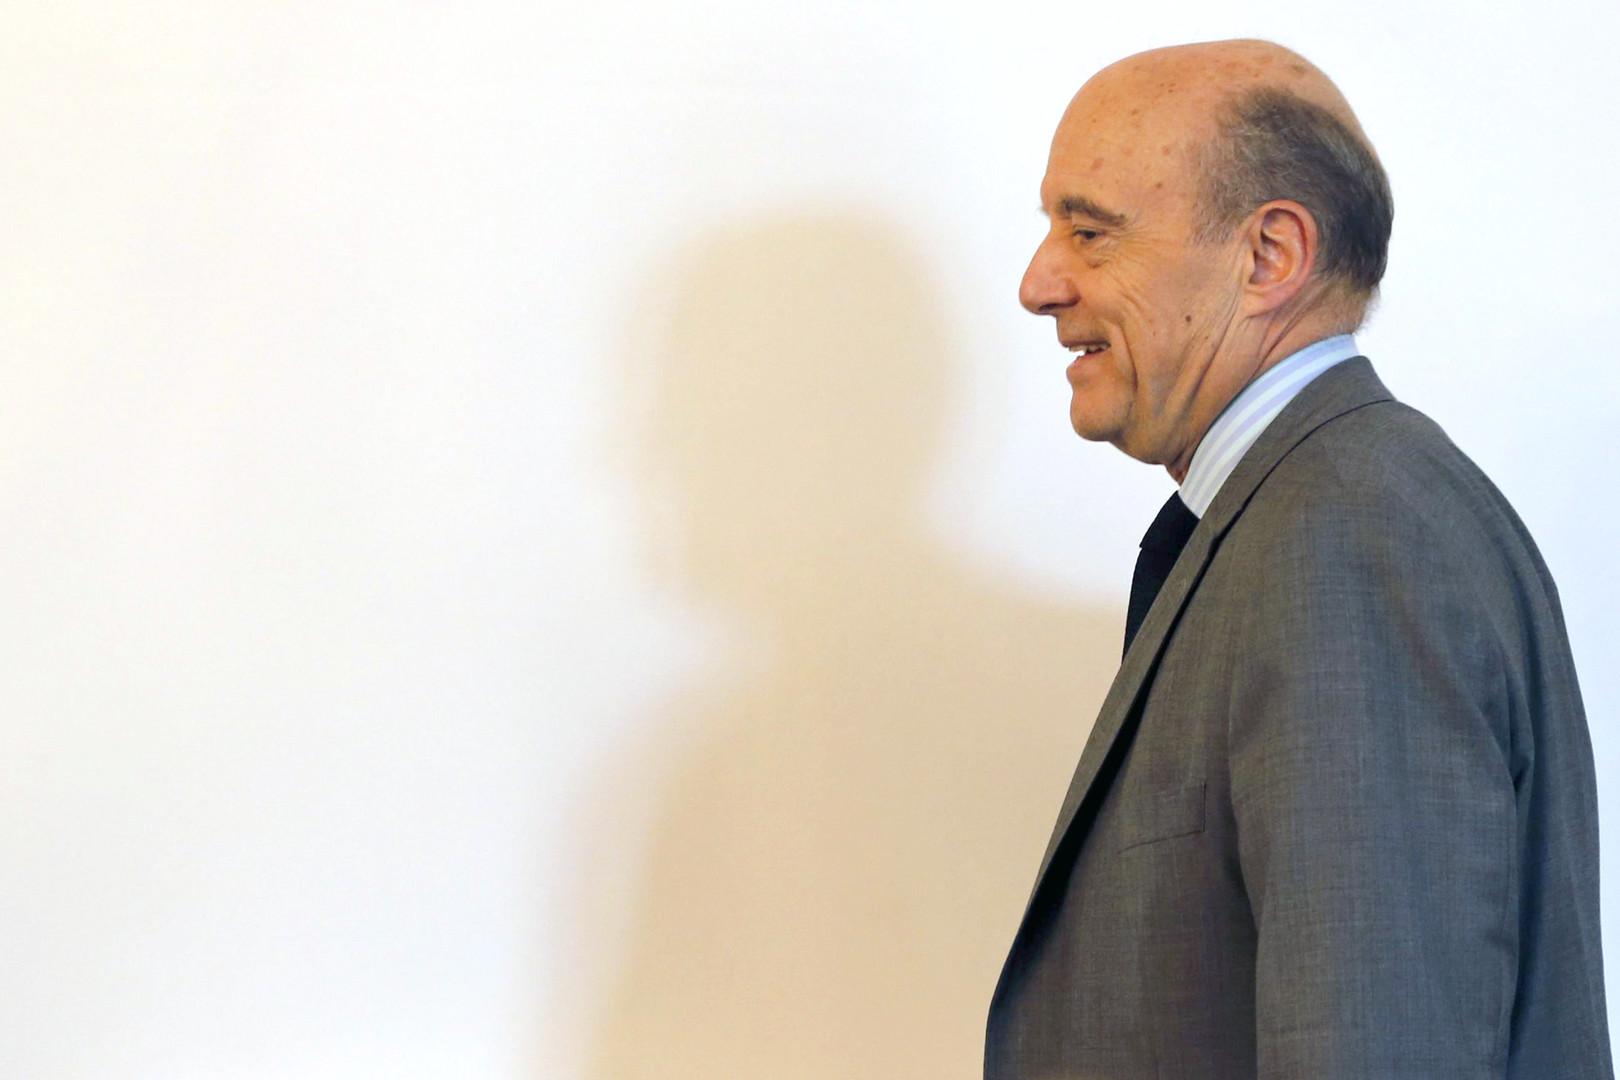 Alain Juppé était le ministre des Affaires étrangères de Nicolas Sarkozy à l'époque.